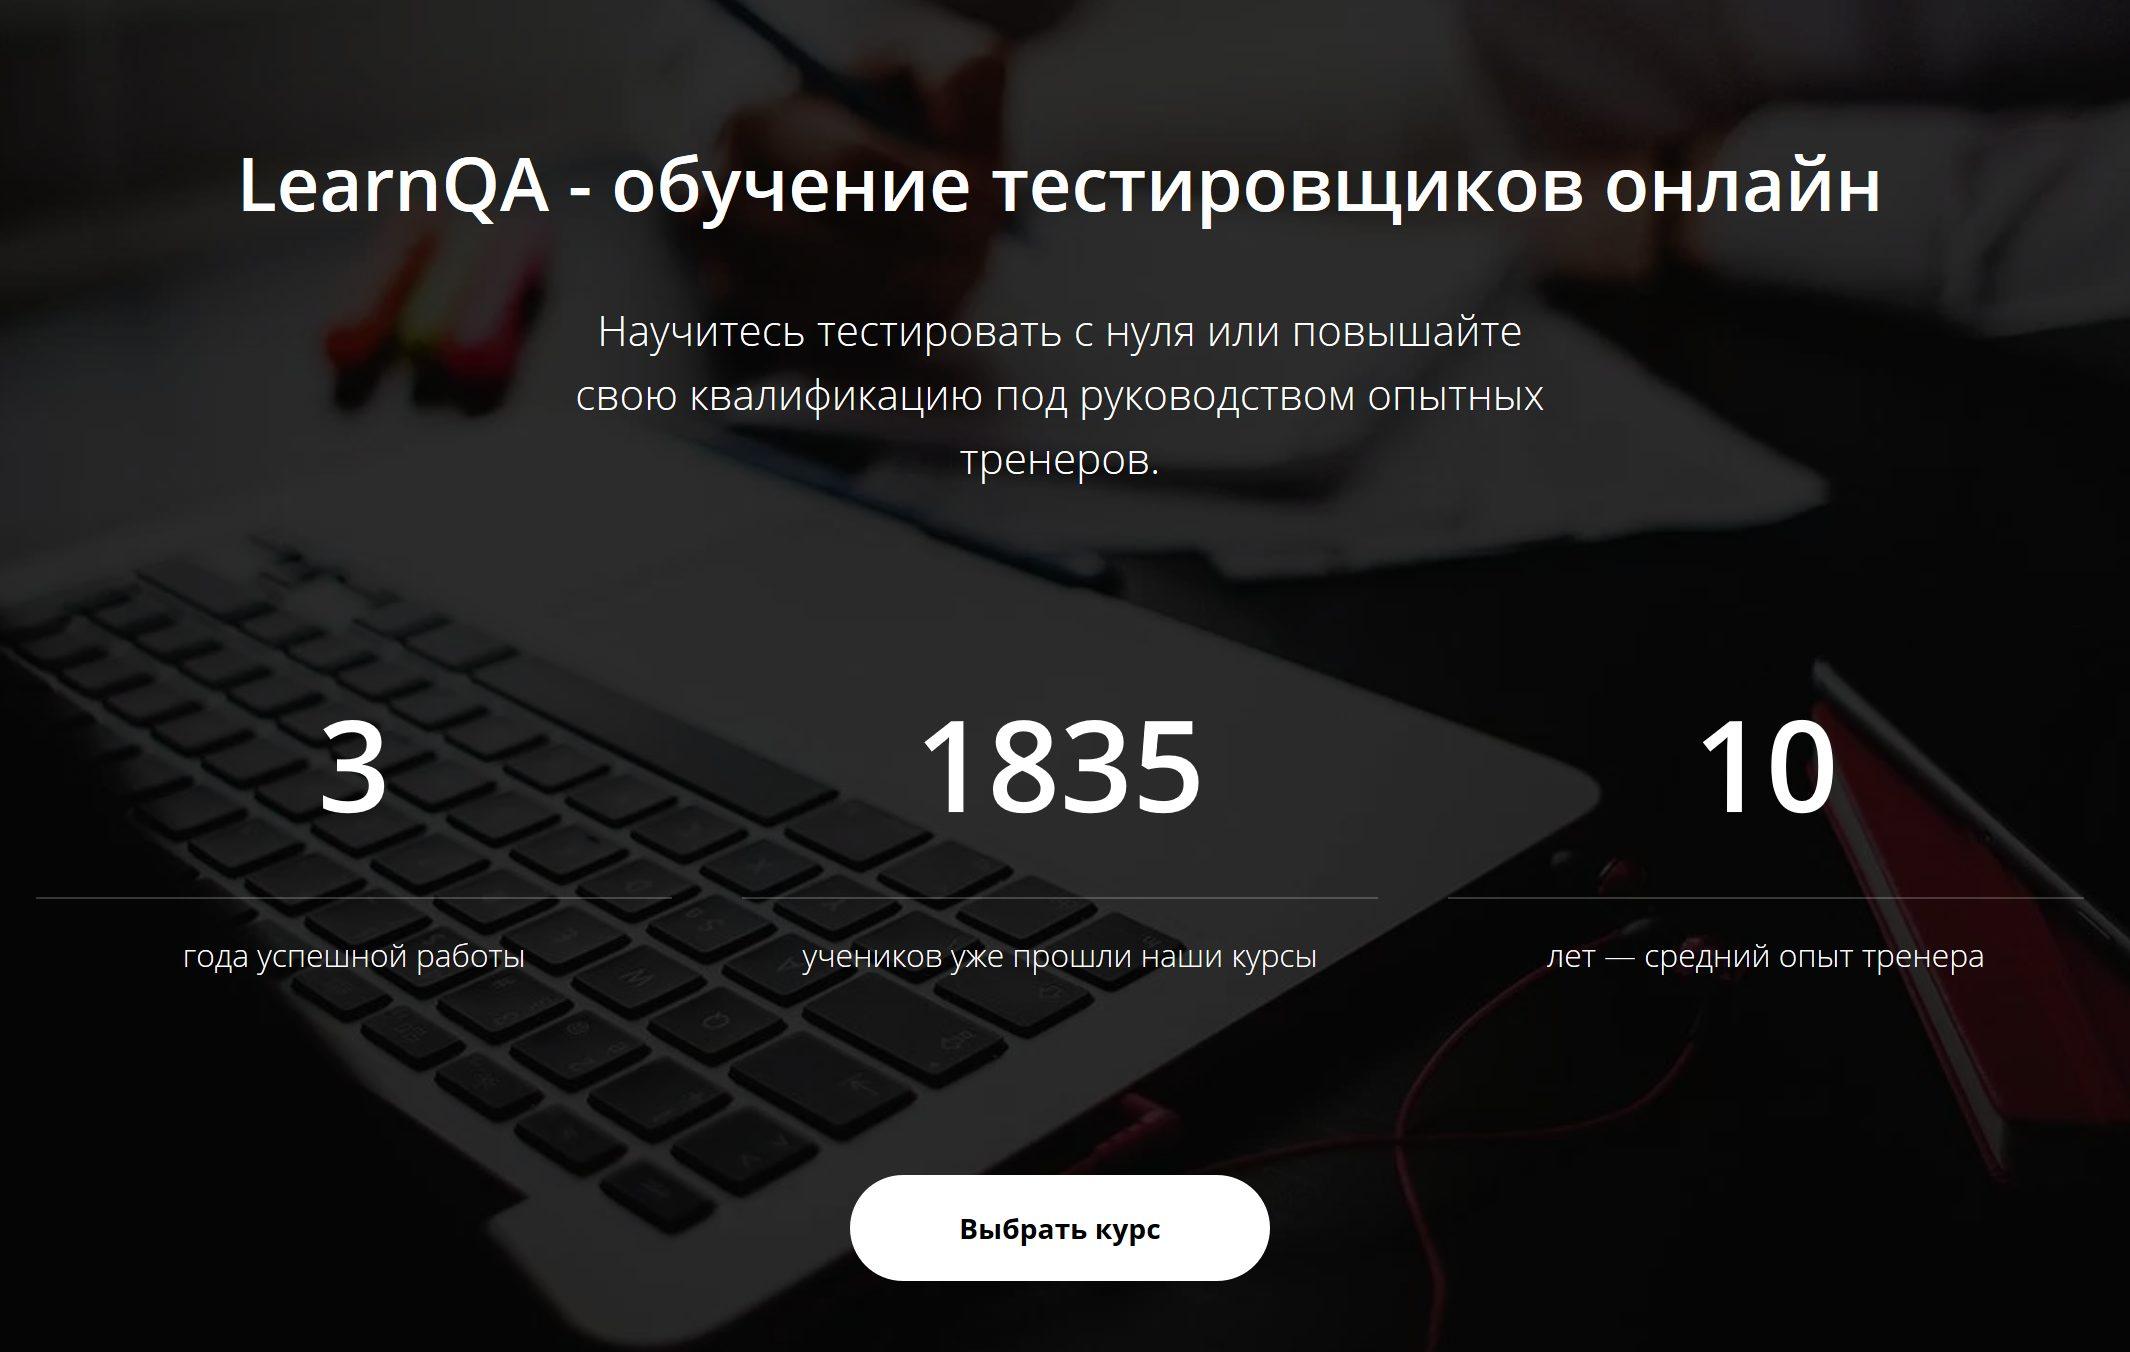 Обучение тестировщиков онлайн от LearnQA